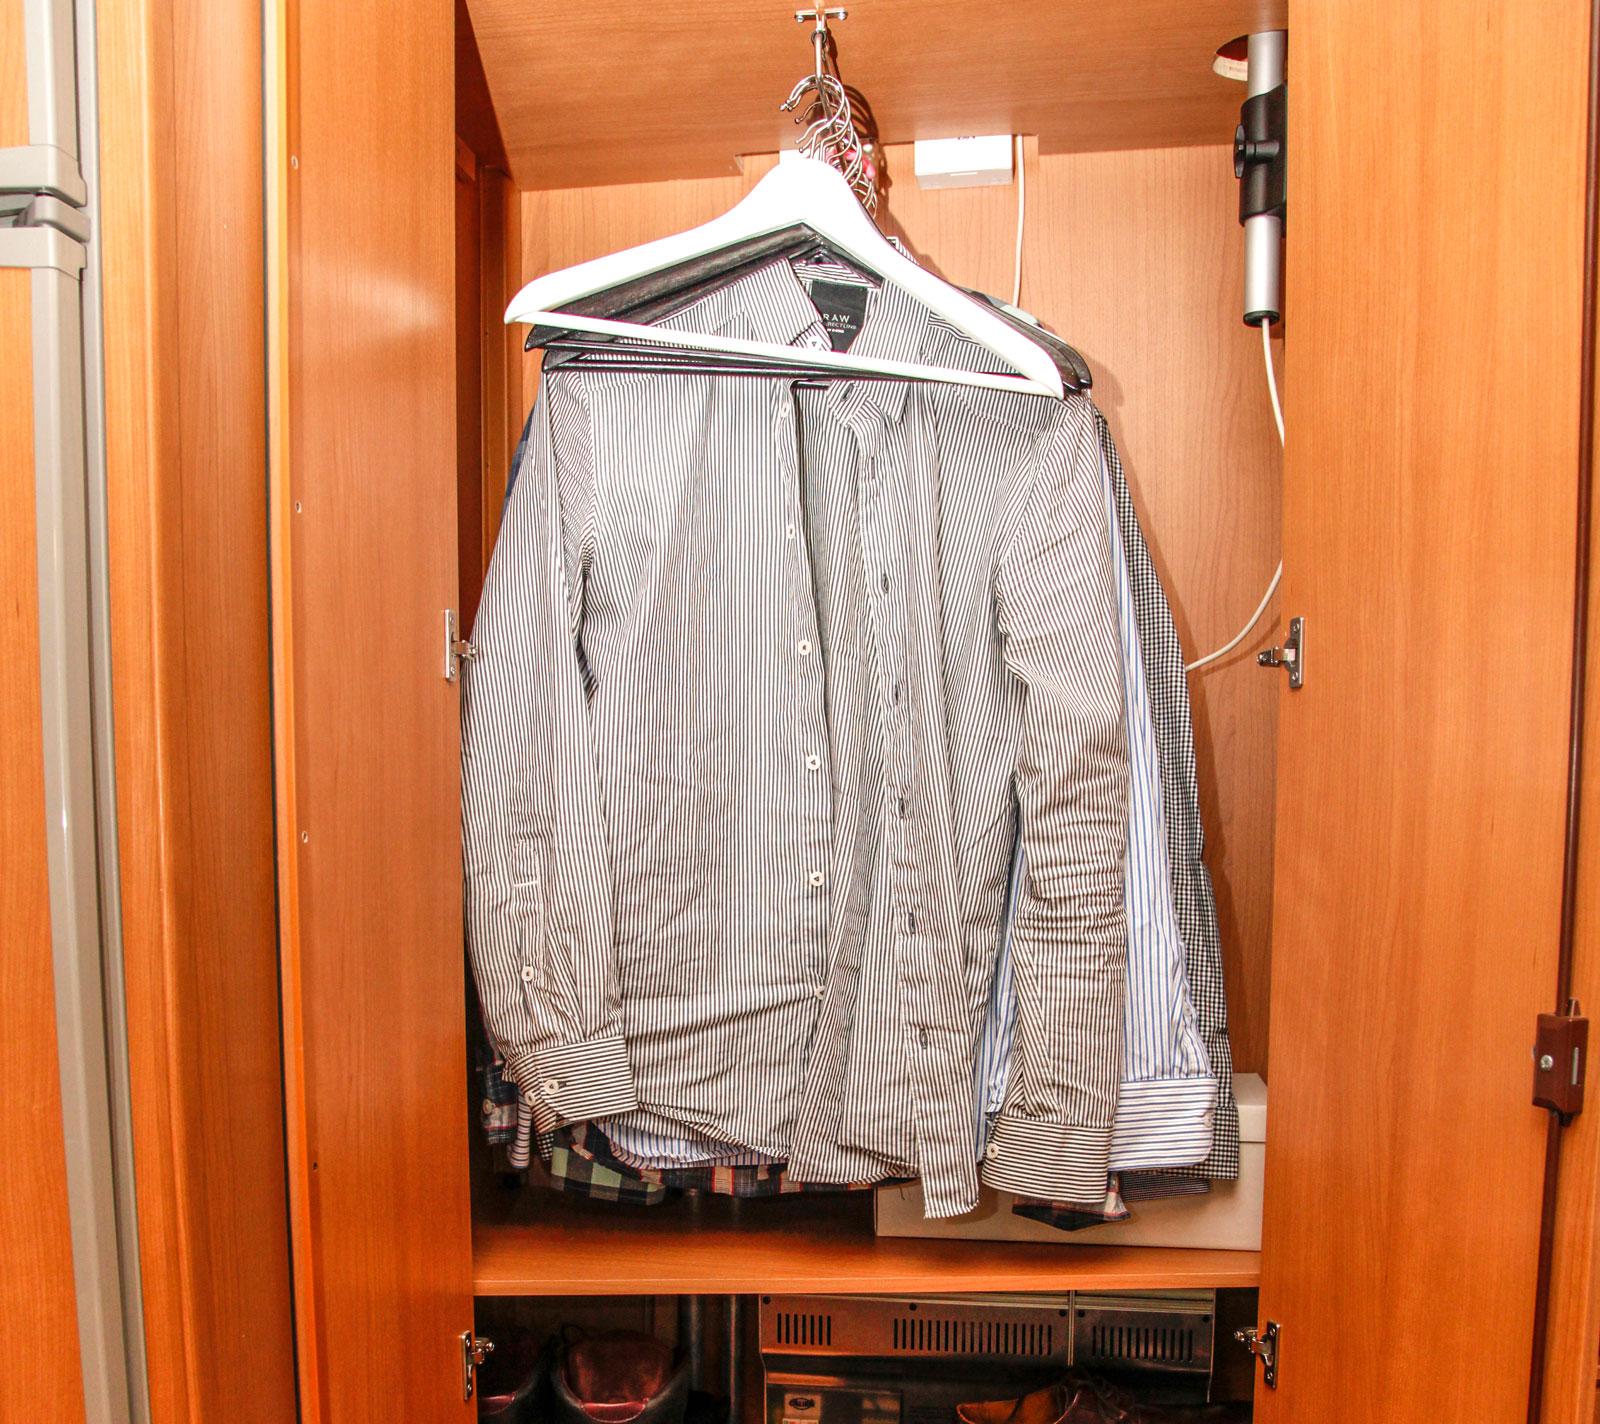 När man bor ensam i en husvagn modell större, räcker garderobsförvaringen långt.